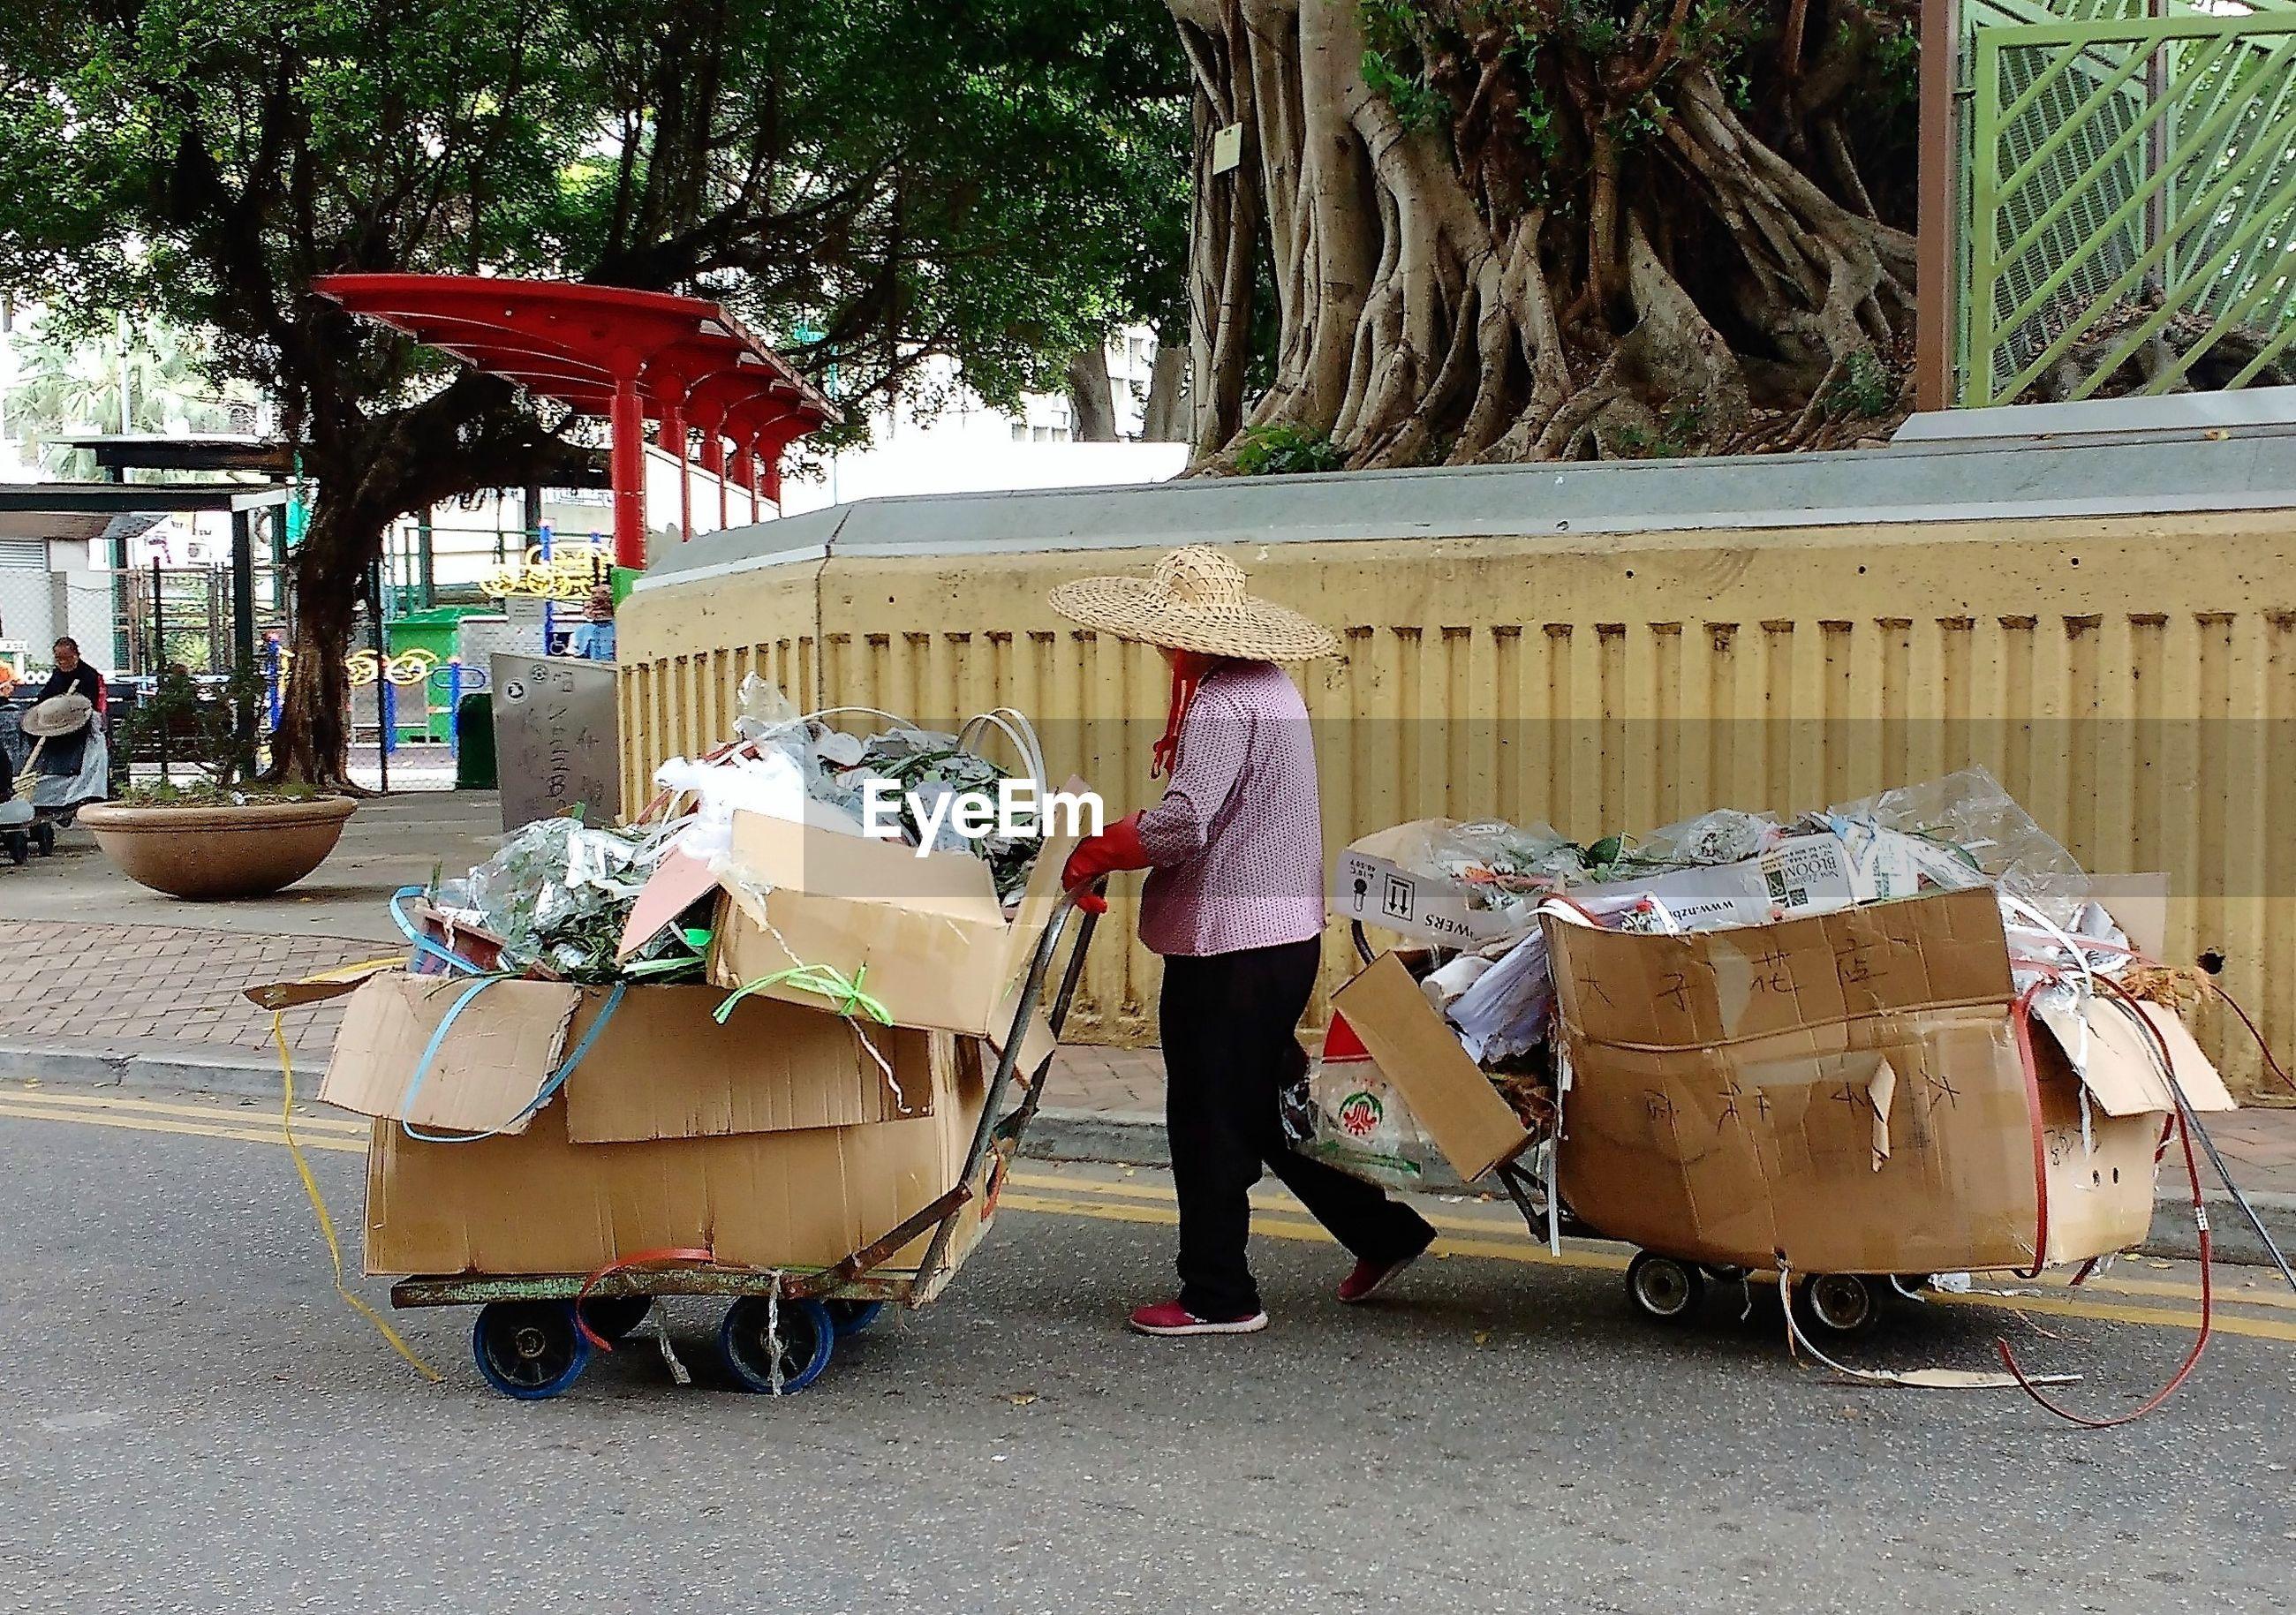 Woman pushing trash carts